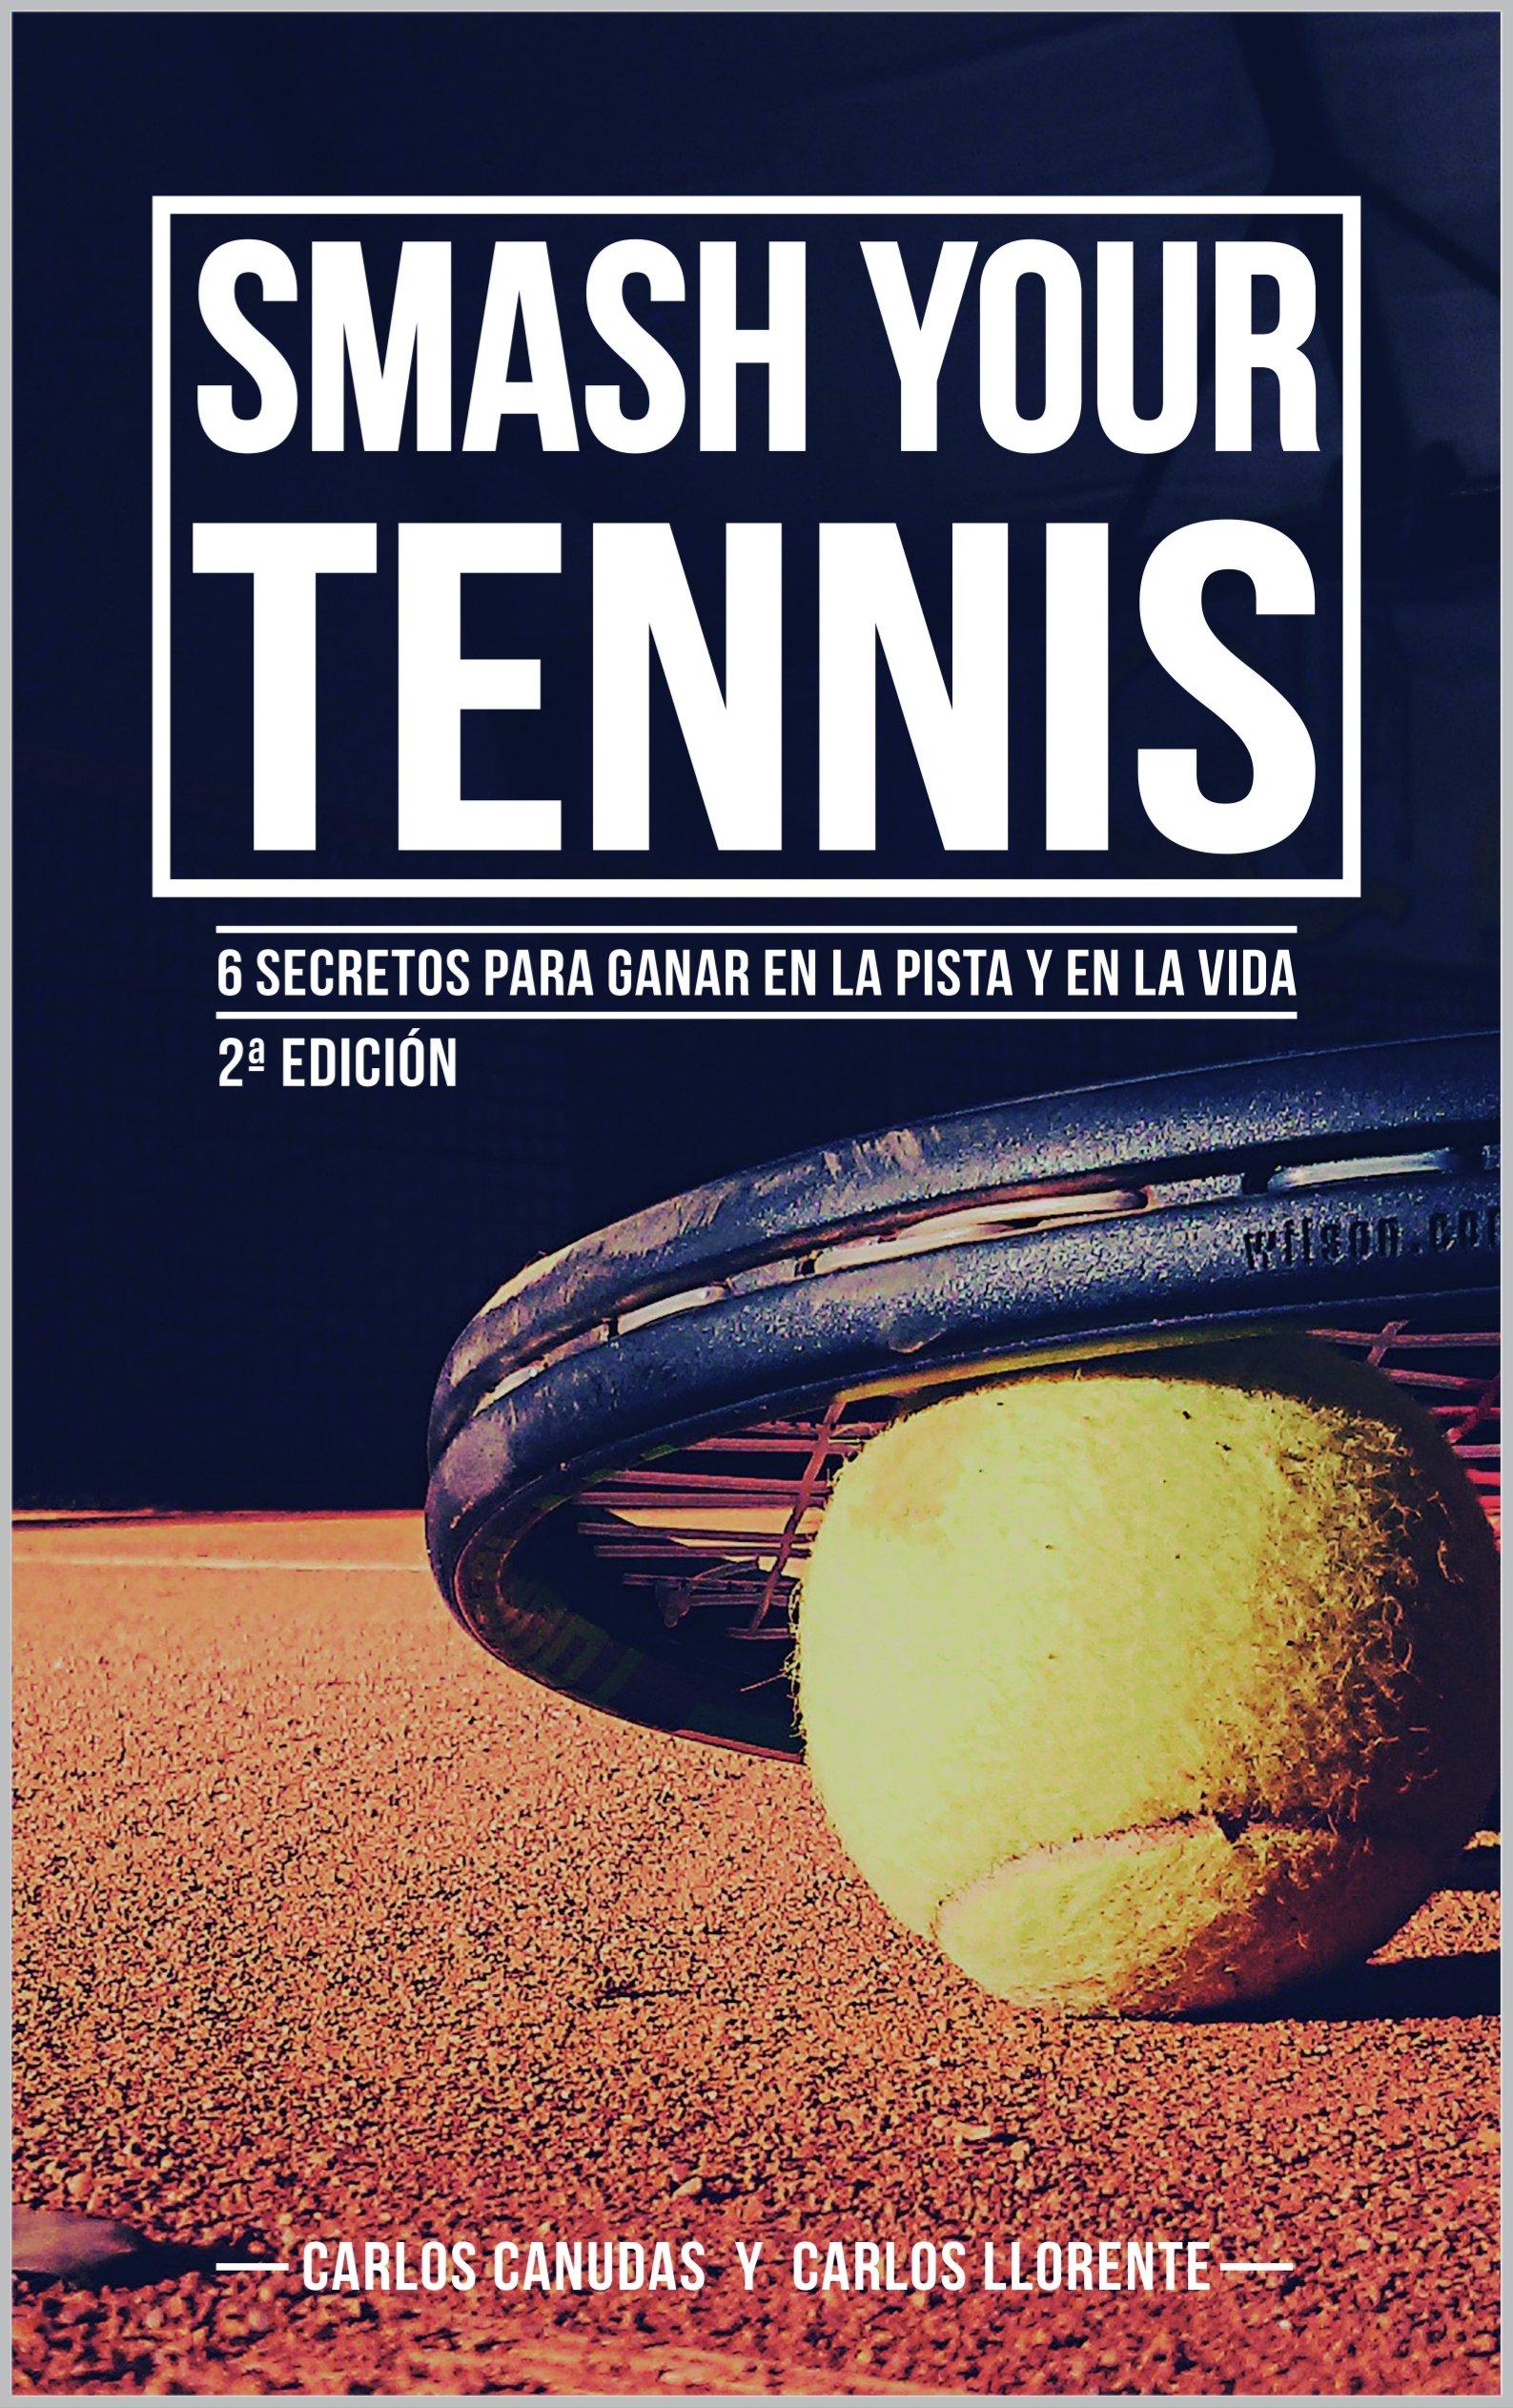 Smash your Tennis: 6 secretos para triunfar en la pista y en la vida